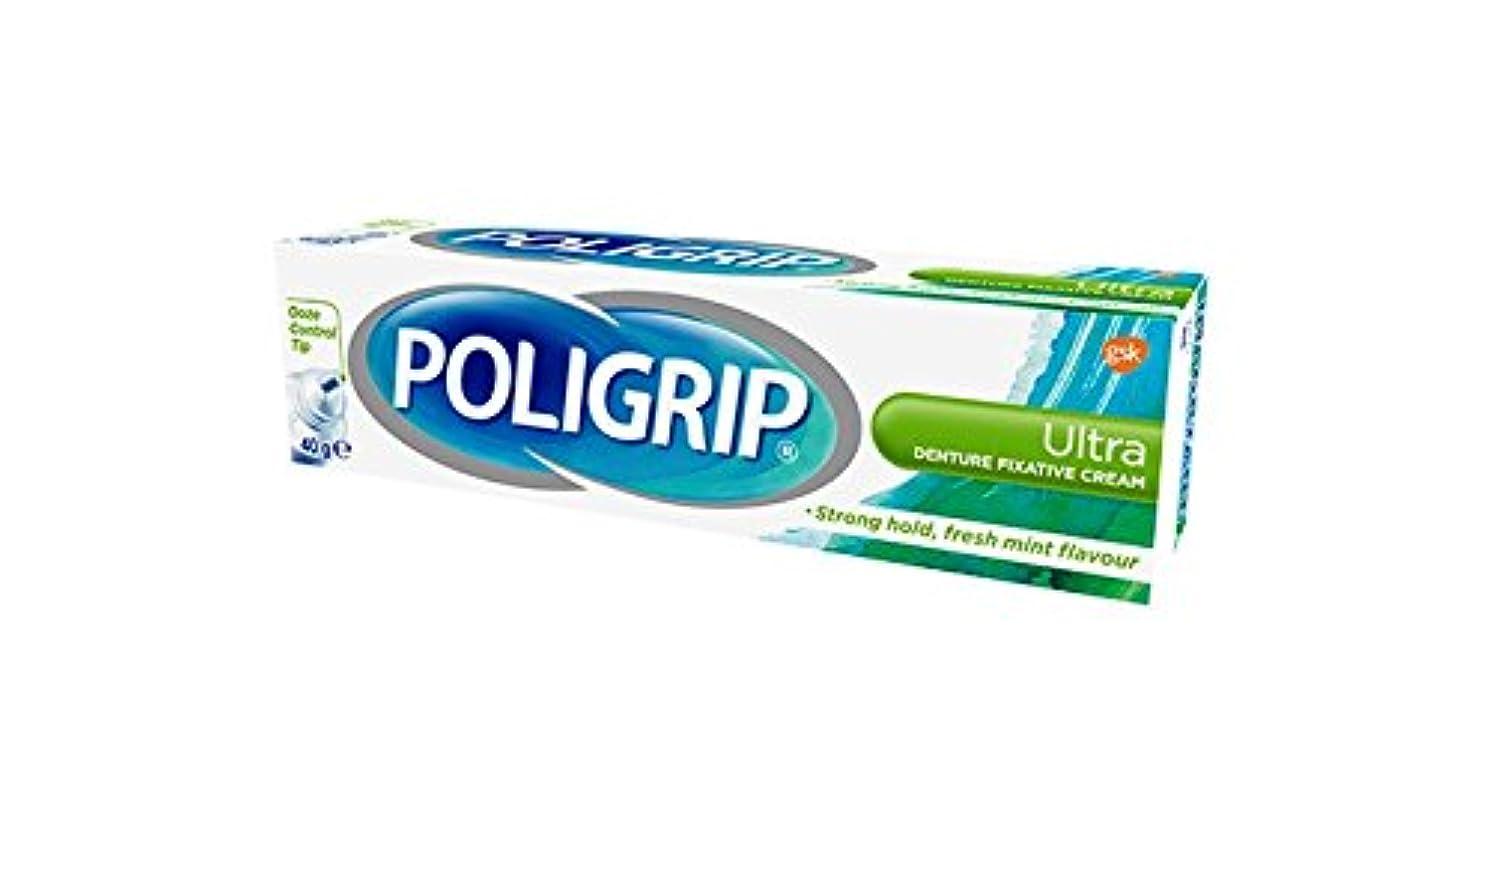 氏おしゃれじゃないマージPoligrip Denture Fixative Cream Ultra Mint (40g) Poligripの義歯固定剤クリームウルトラミント( 40グラム)